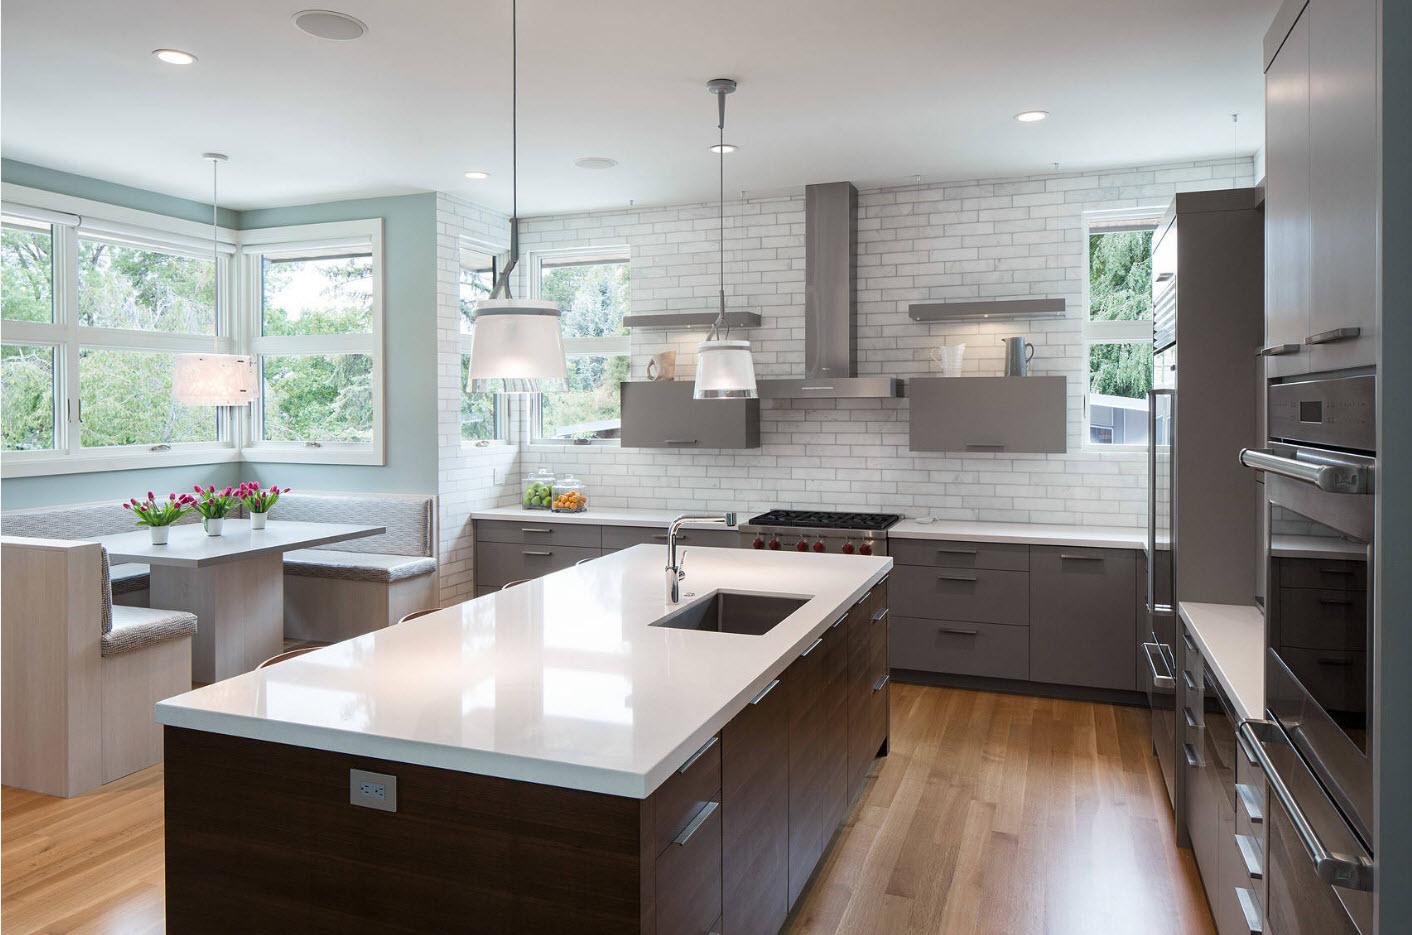 Дизайн кухни-столовой-гостиной в частном доме: 90 фото интерьеров, идеи